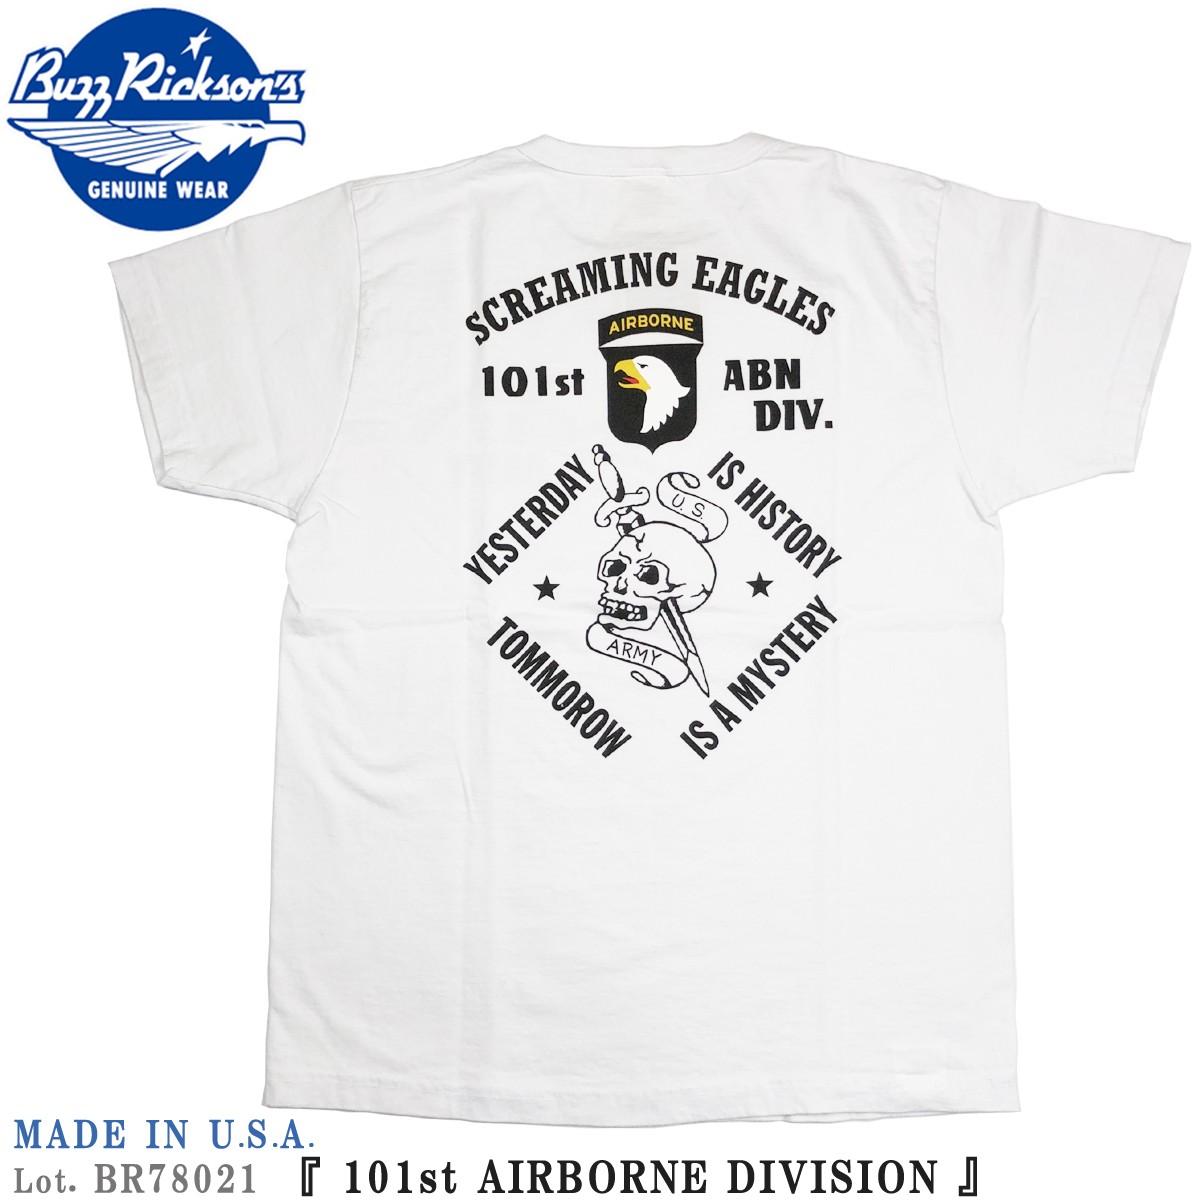 バズリクソンズ BR78021 Tシャツ 画像1